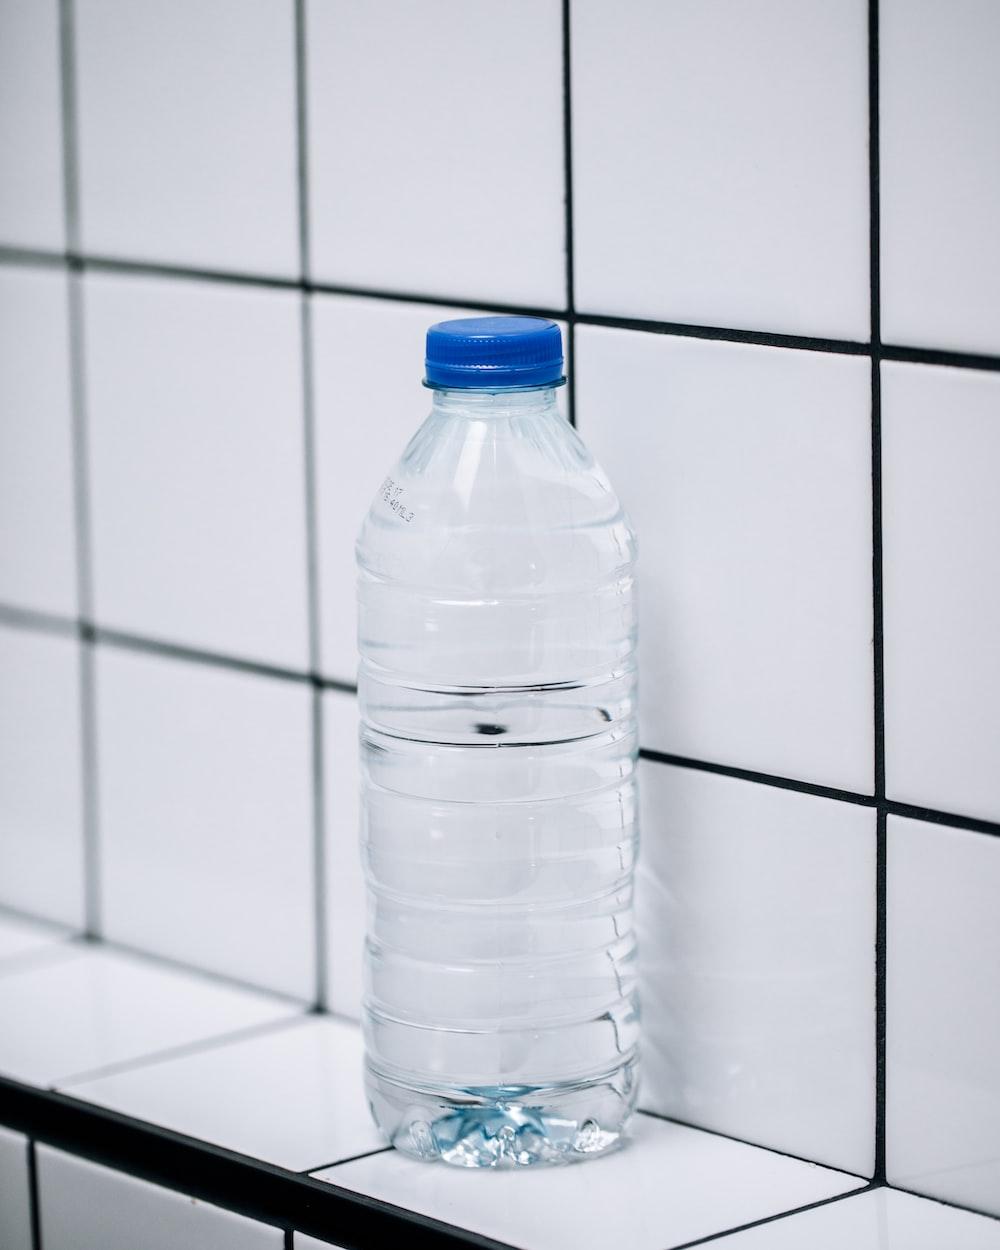 clear plastic bottle on white ceramic tiles